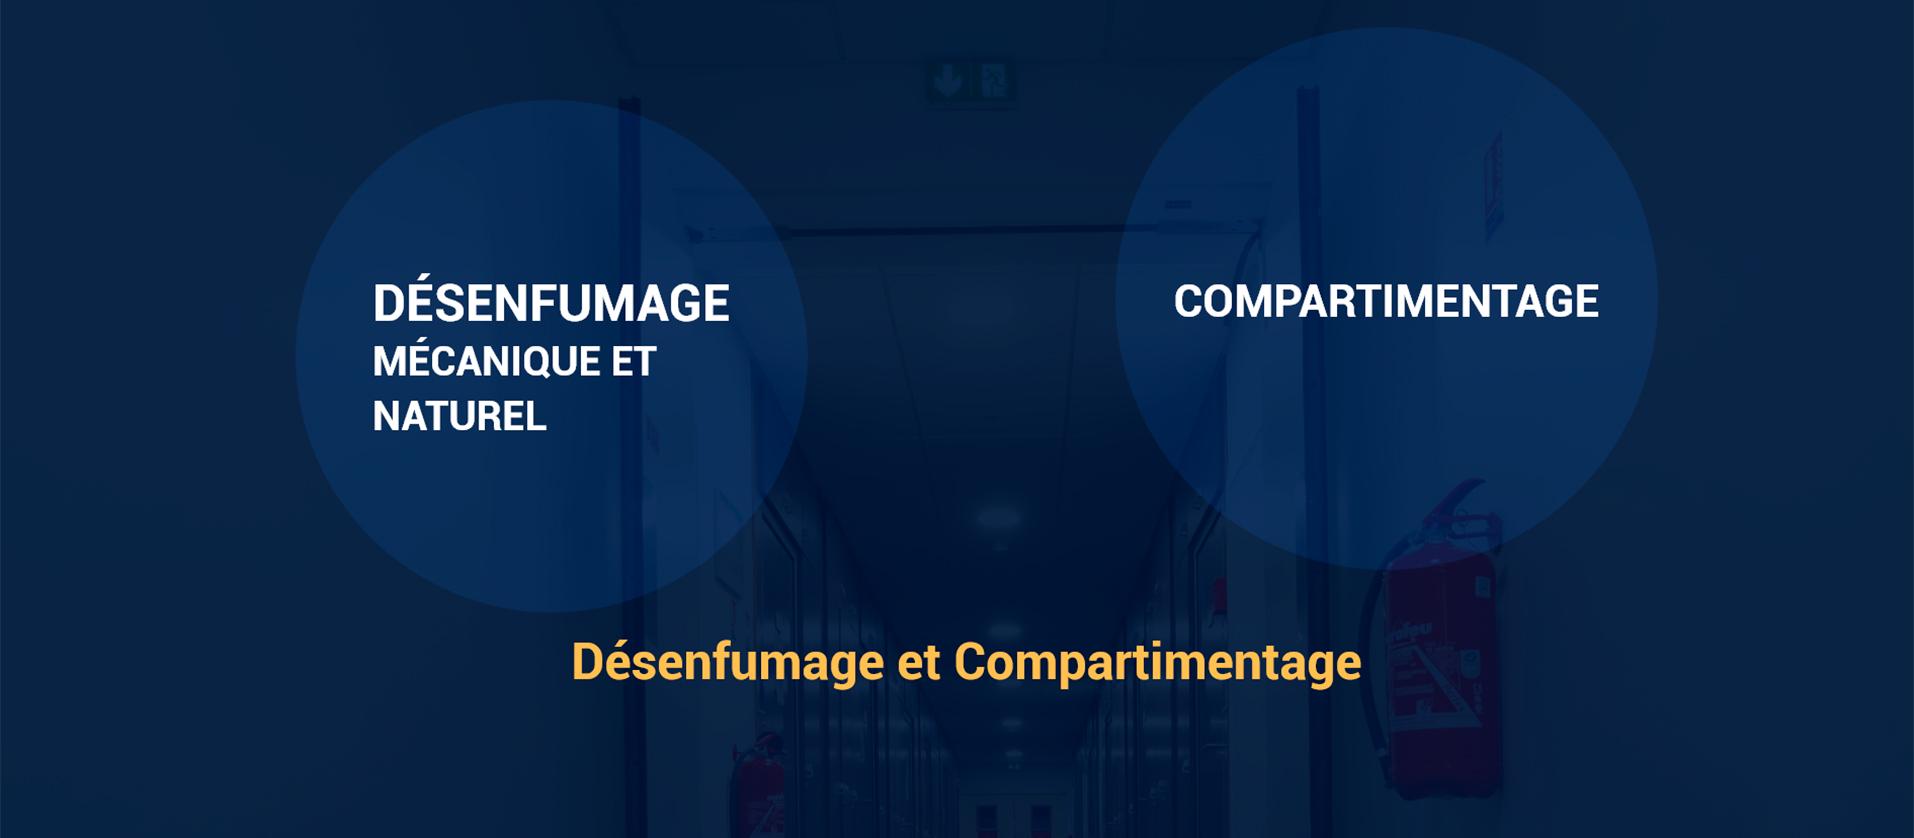 https://www.eris-di.com/wp-content/uploads/2021/07/Bandeau_desenfumage_compartimentage_2.jpg